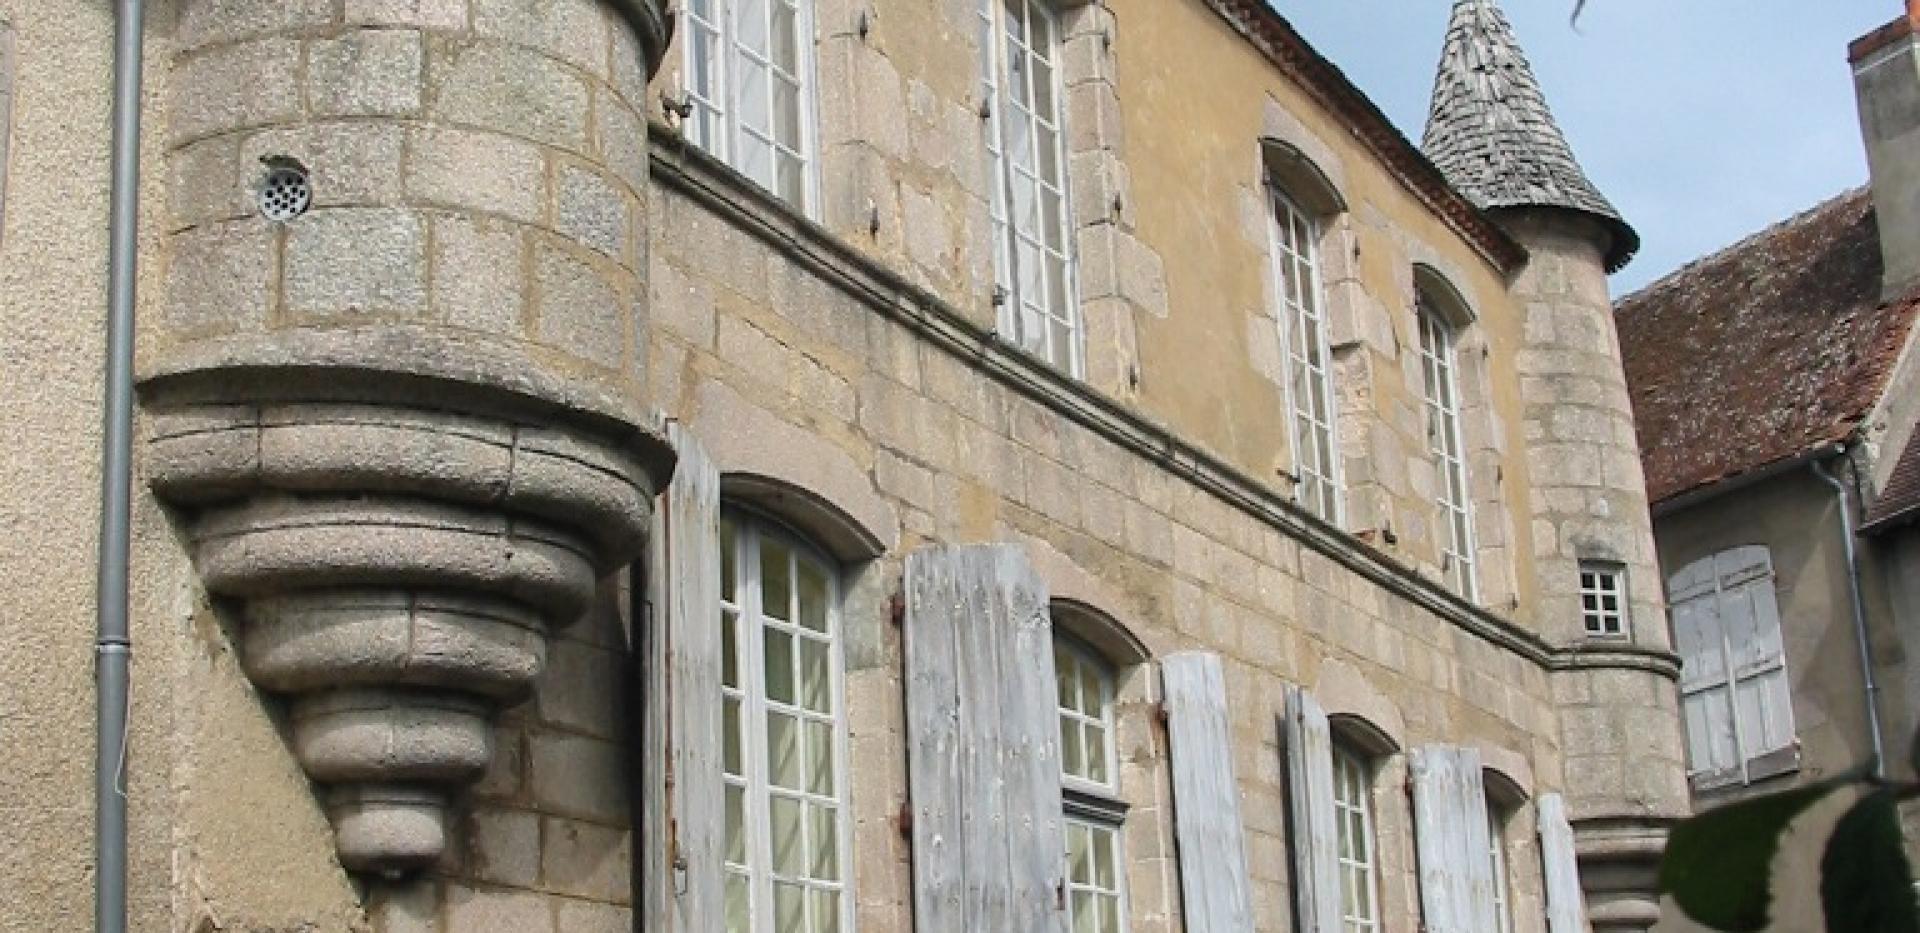 maison-a-tourelles-boussac-creuseot-bous